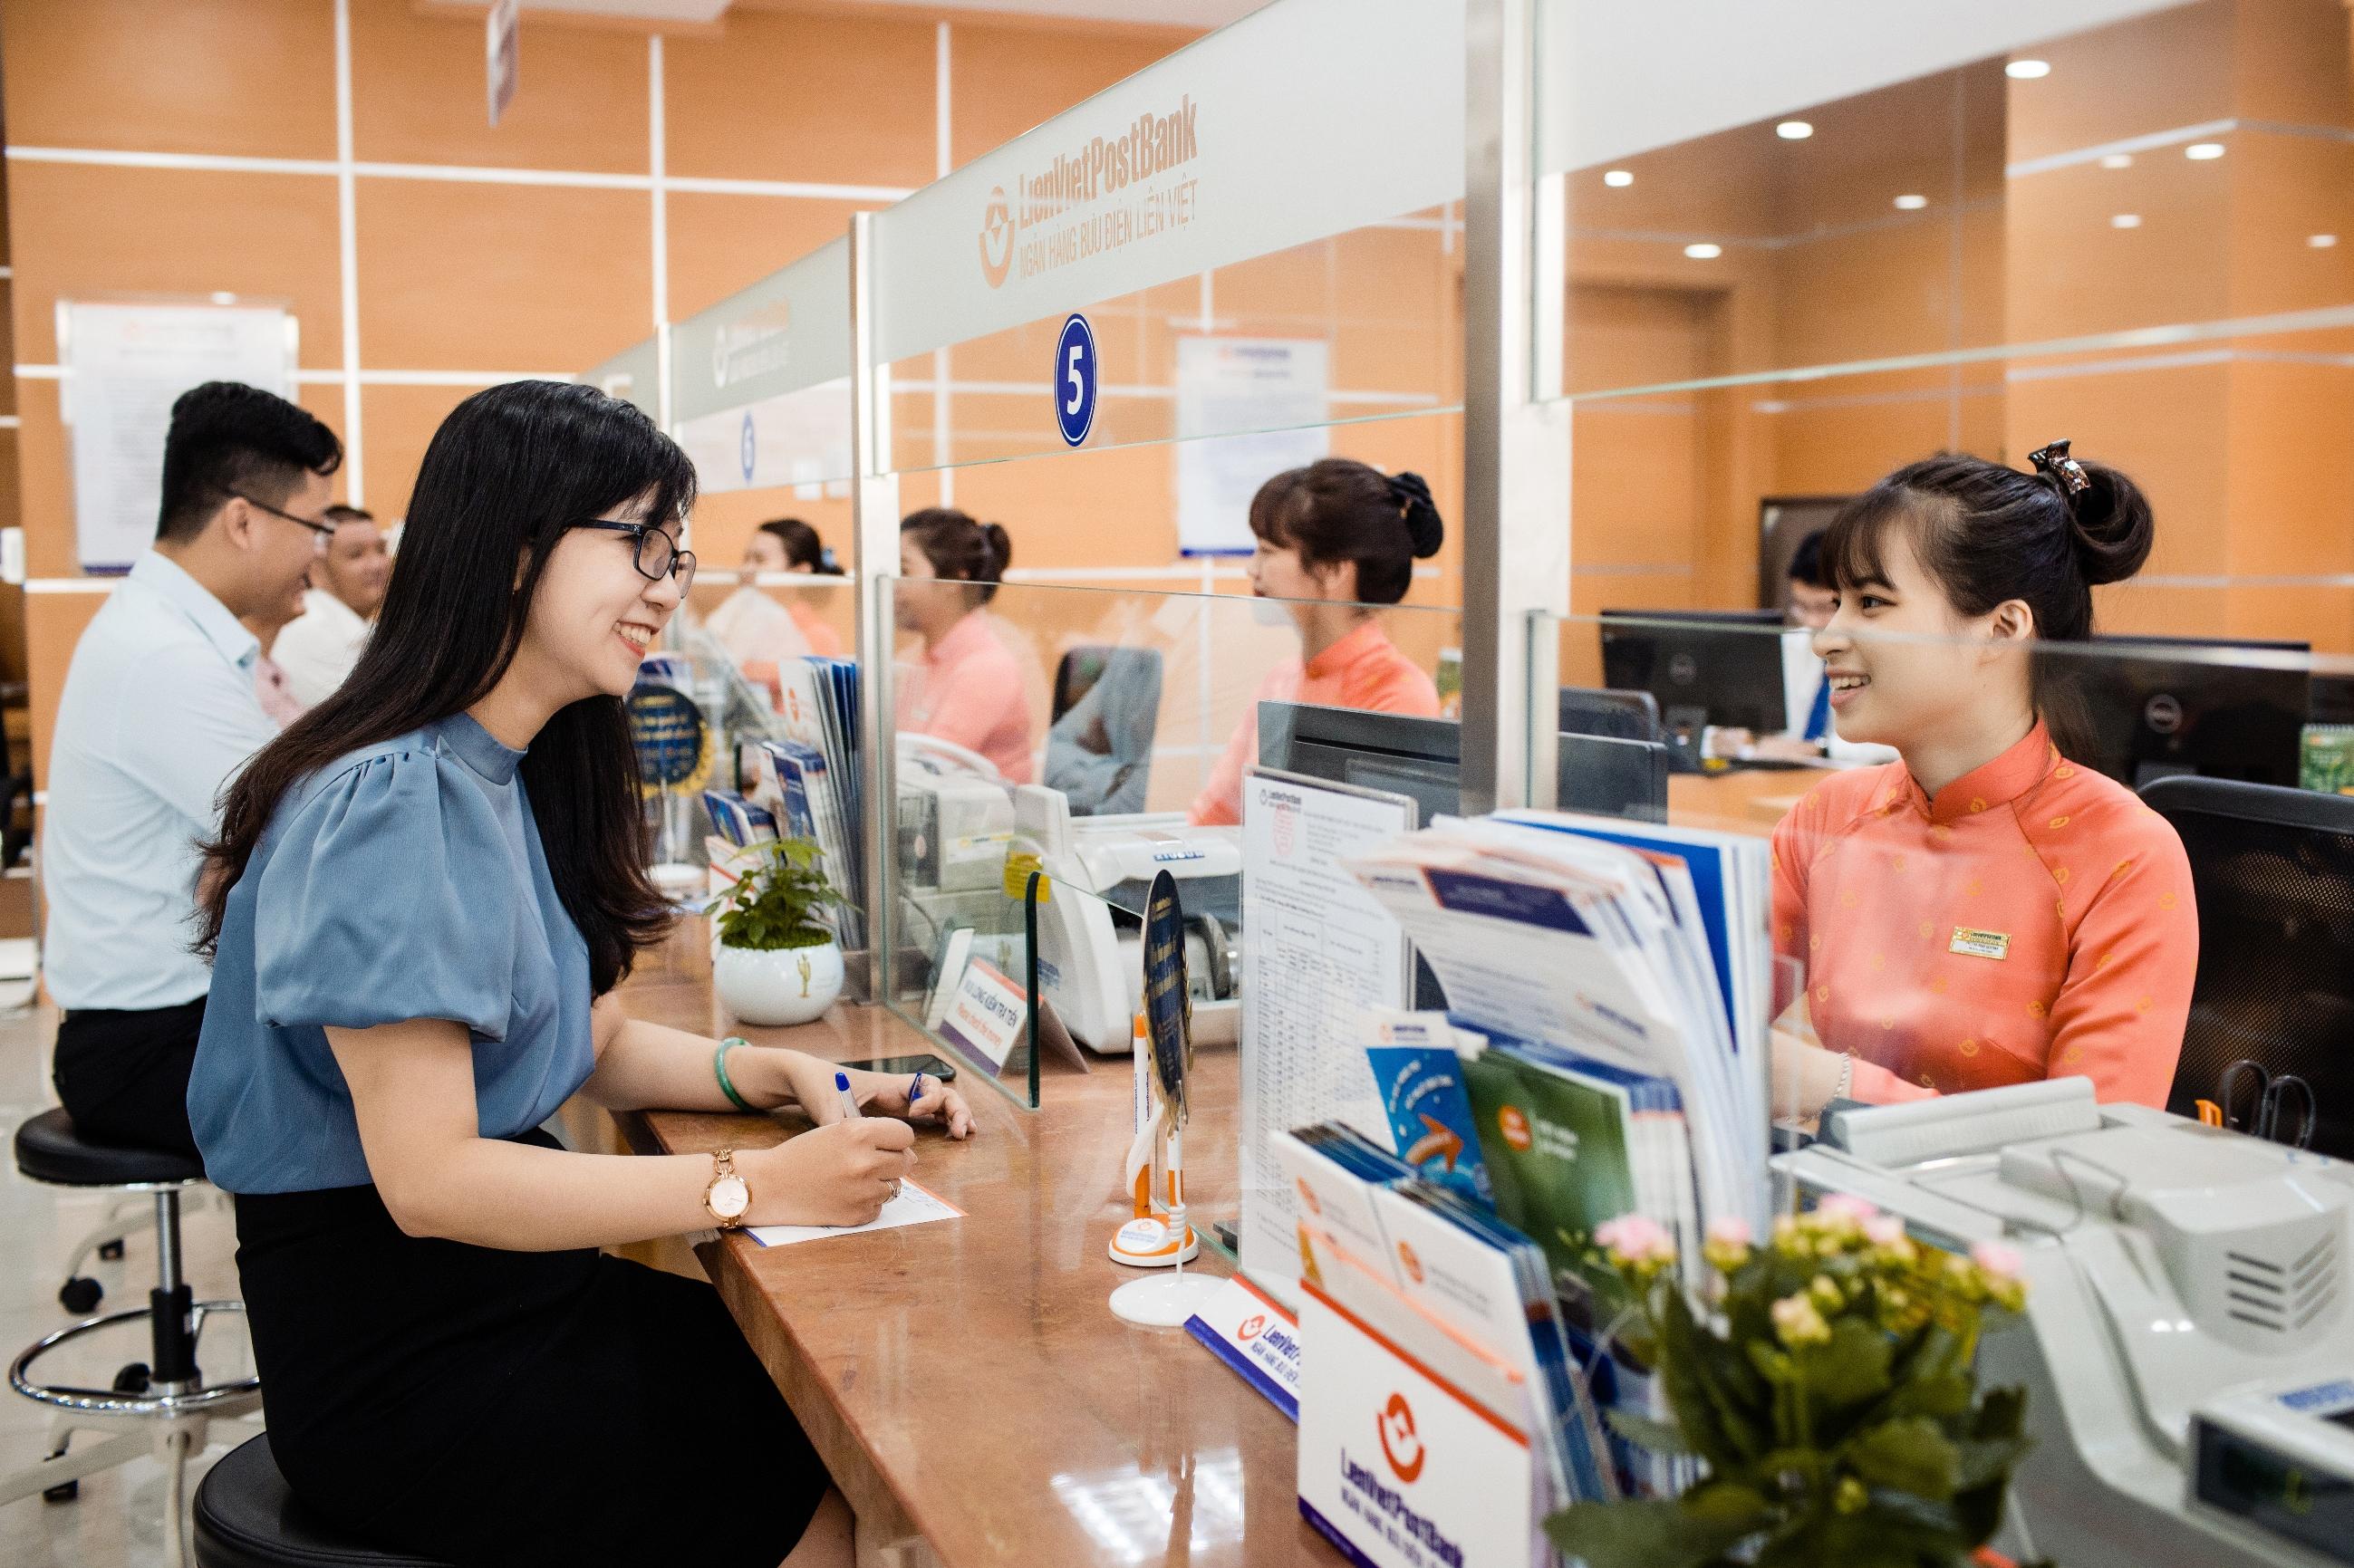 Cổ phiếu LienVietPostBank chính thức được chấp thuận niêm yết trên HOSE, hoàn thành lợi nhuận cả năm - Ảnh 1.